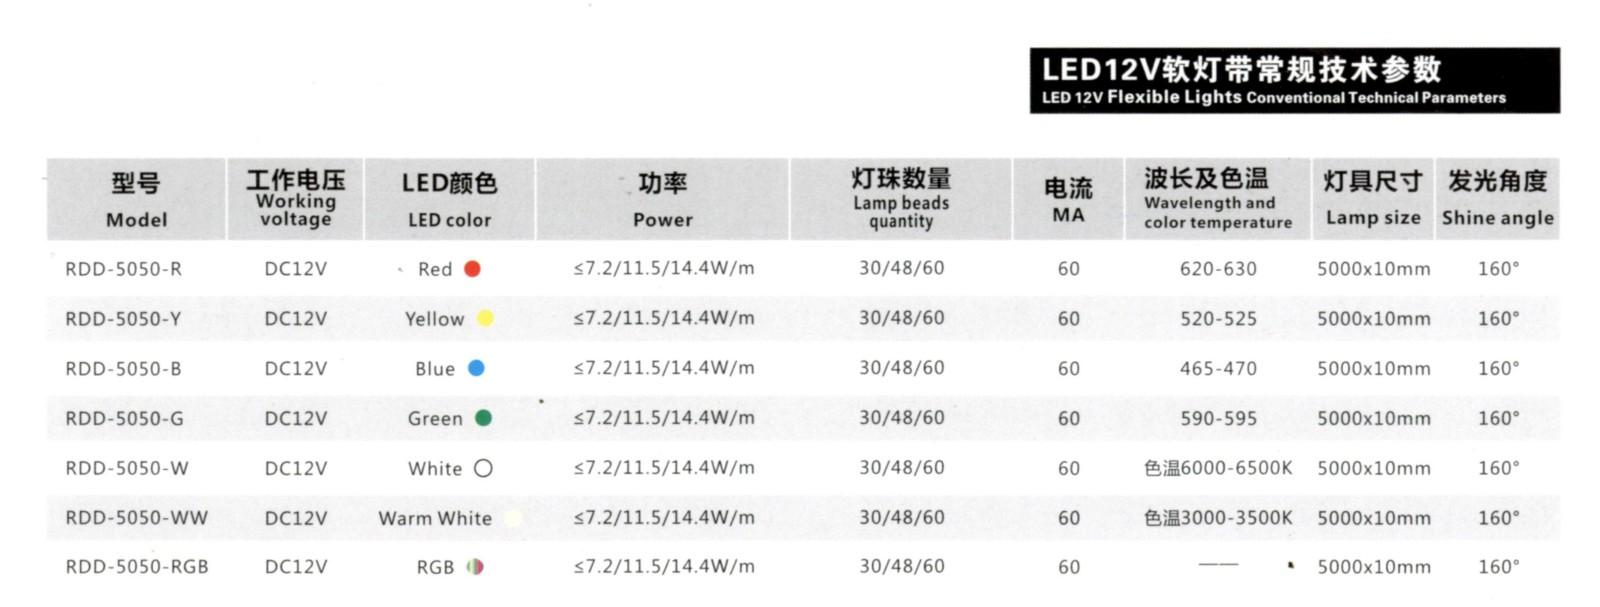 LED12V软灯带Model∶RDD-5050-12V参数.jpg